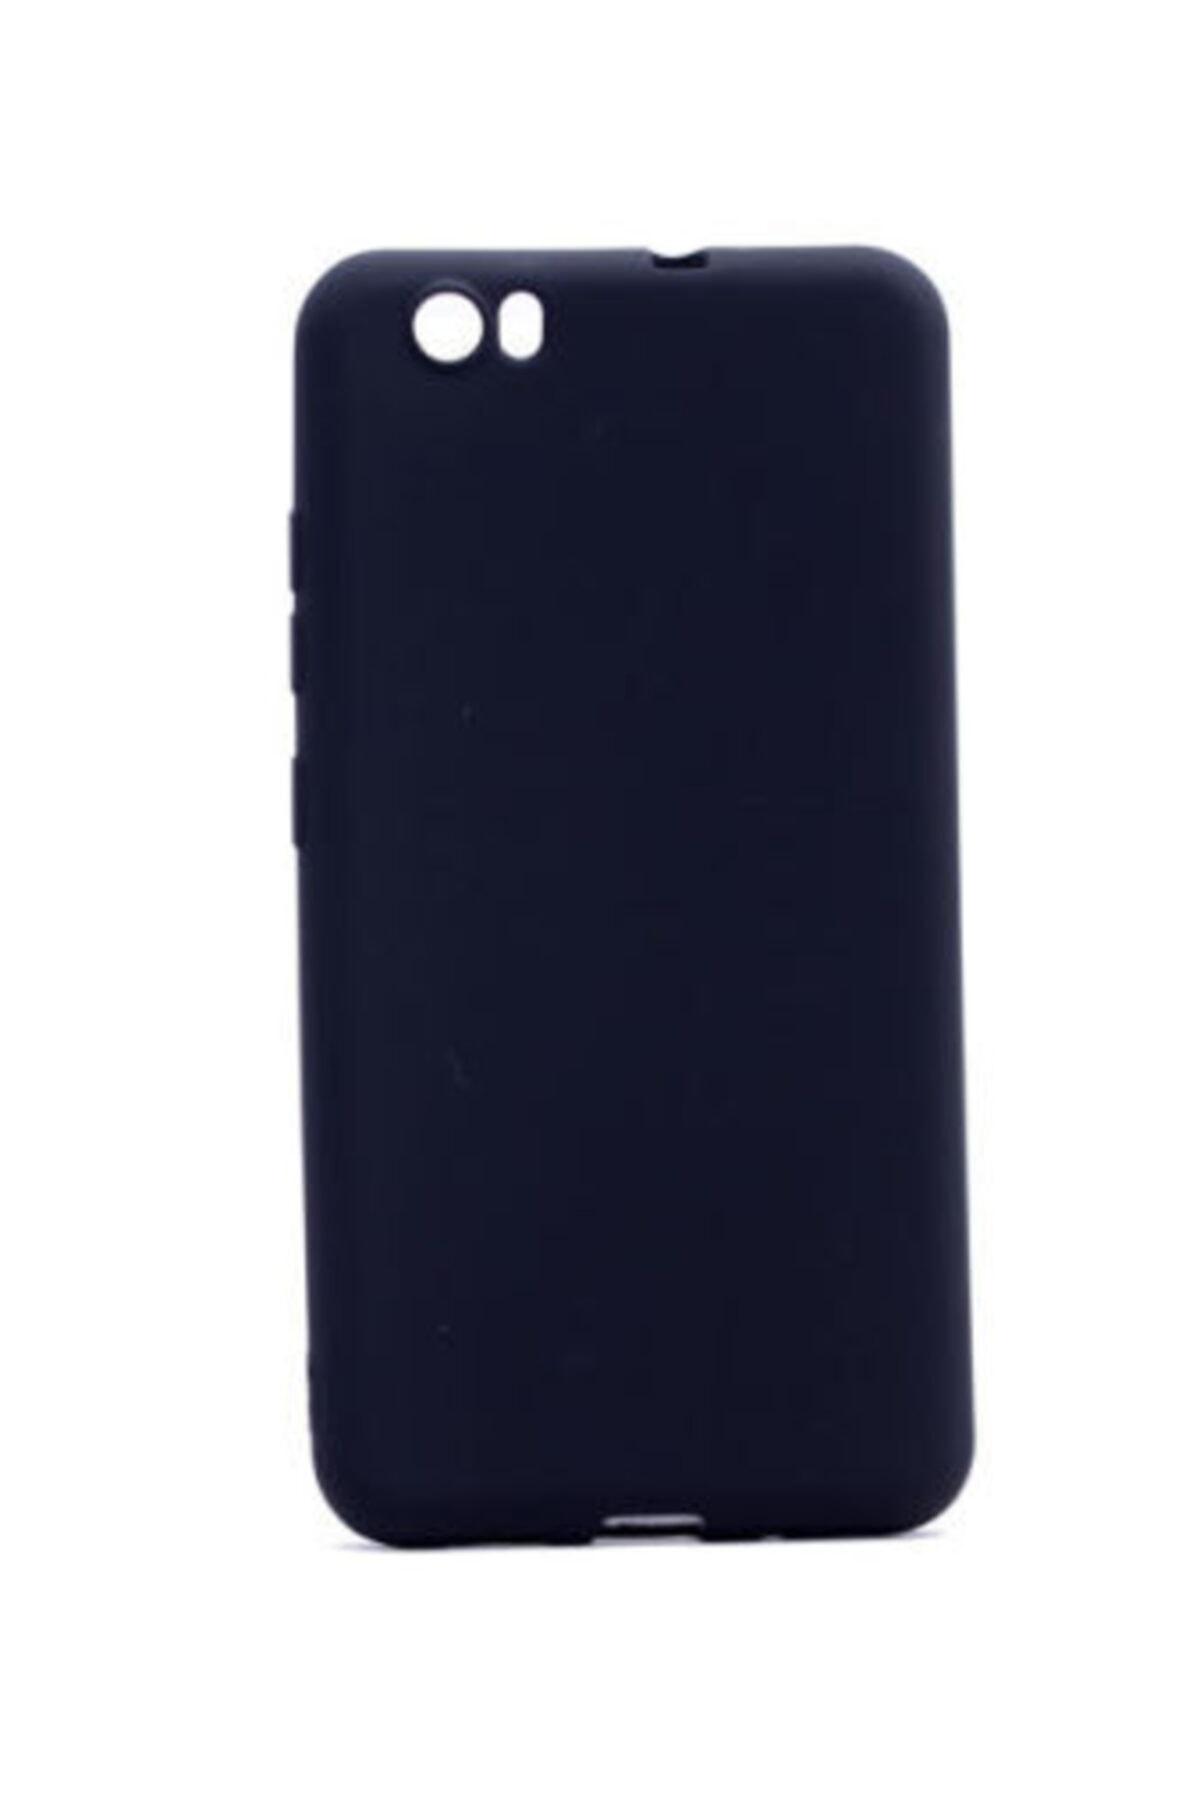 Venüs Z10 Kılıf Yumuşak Mat Ince Silikon Premium Kapak